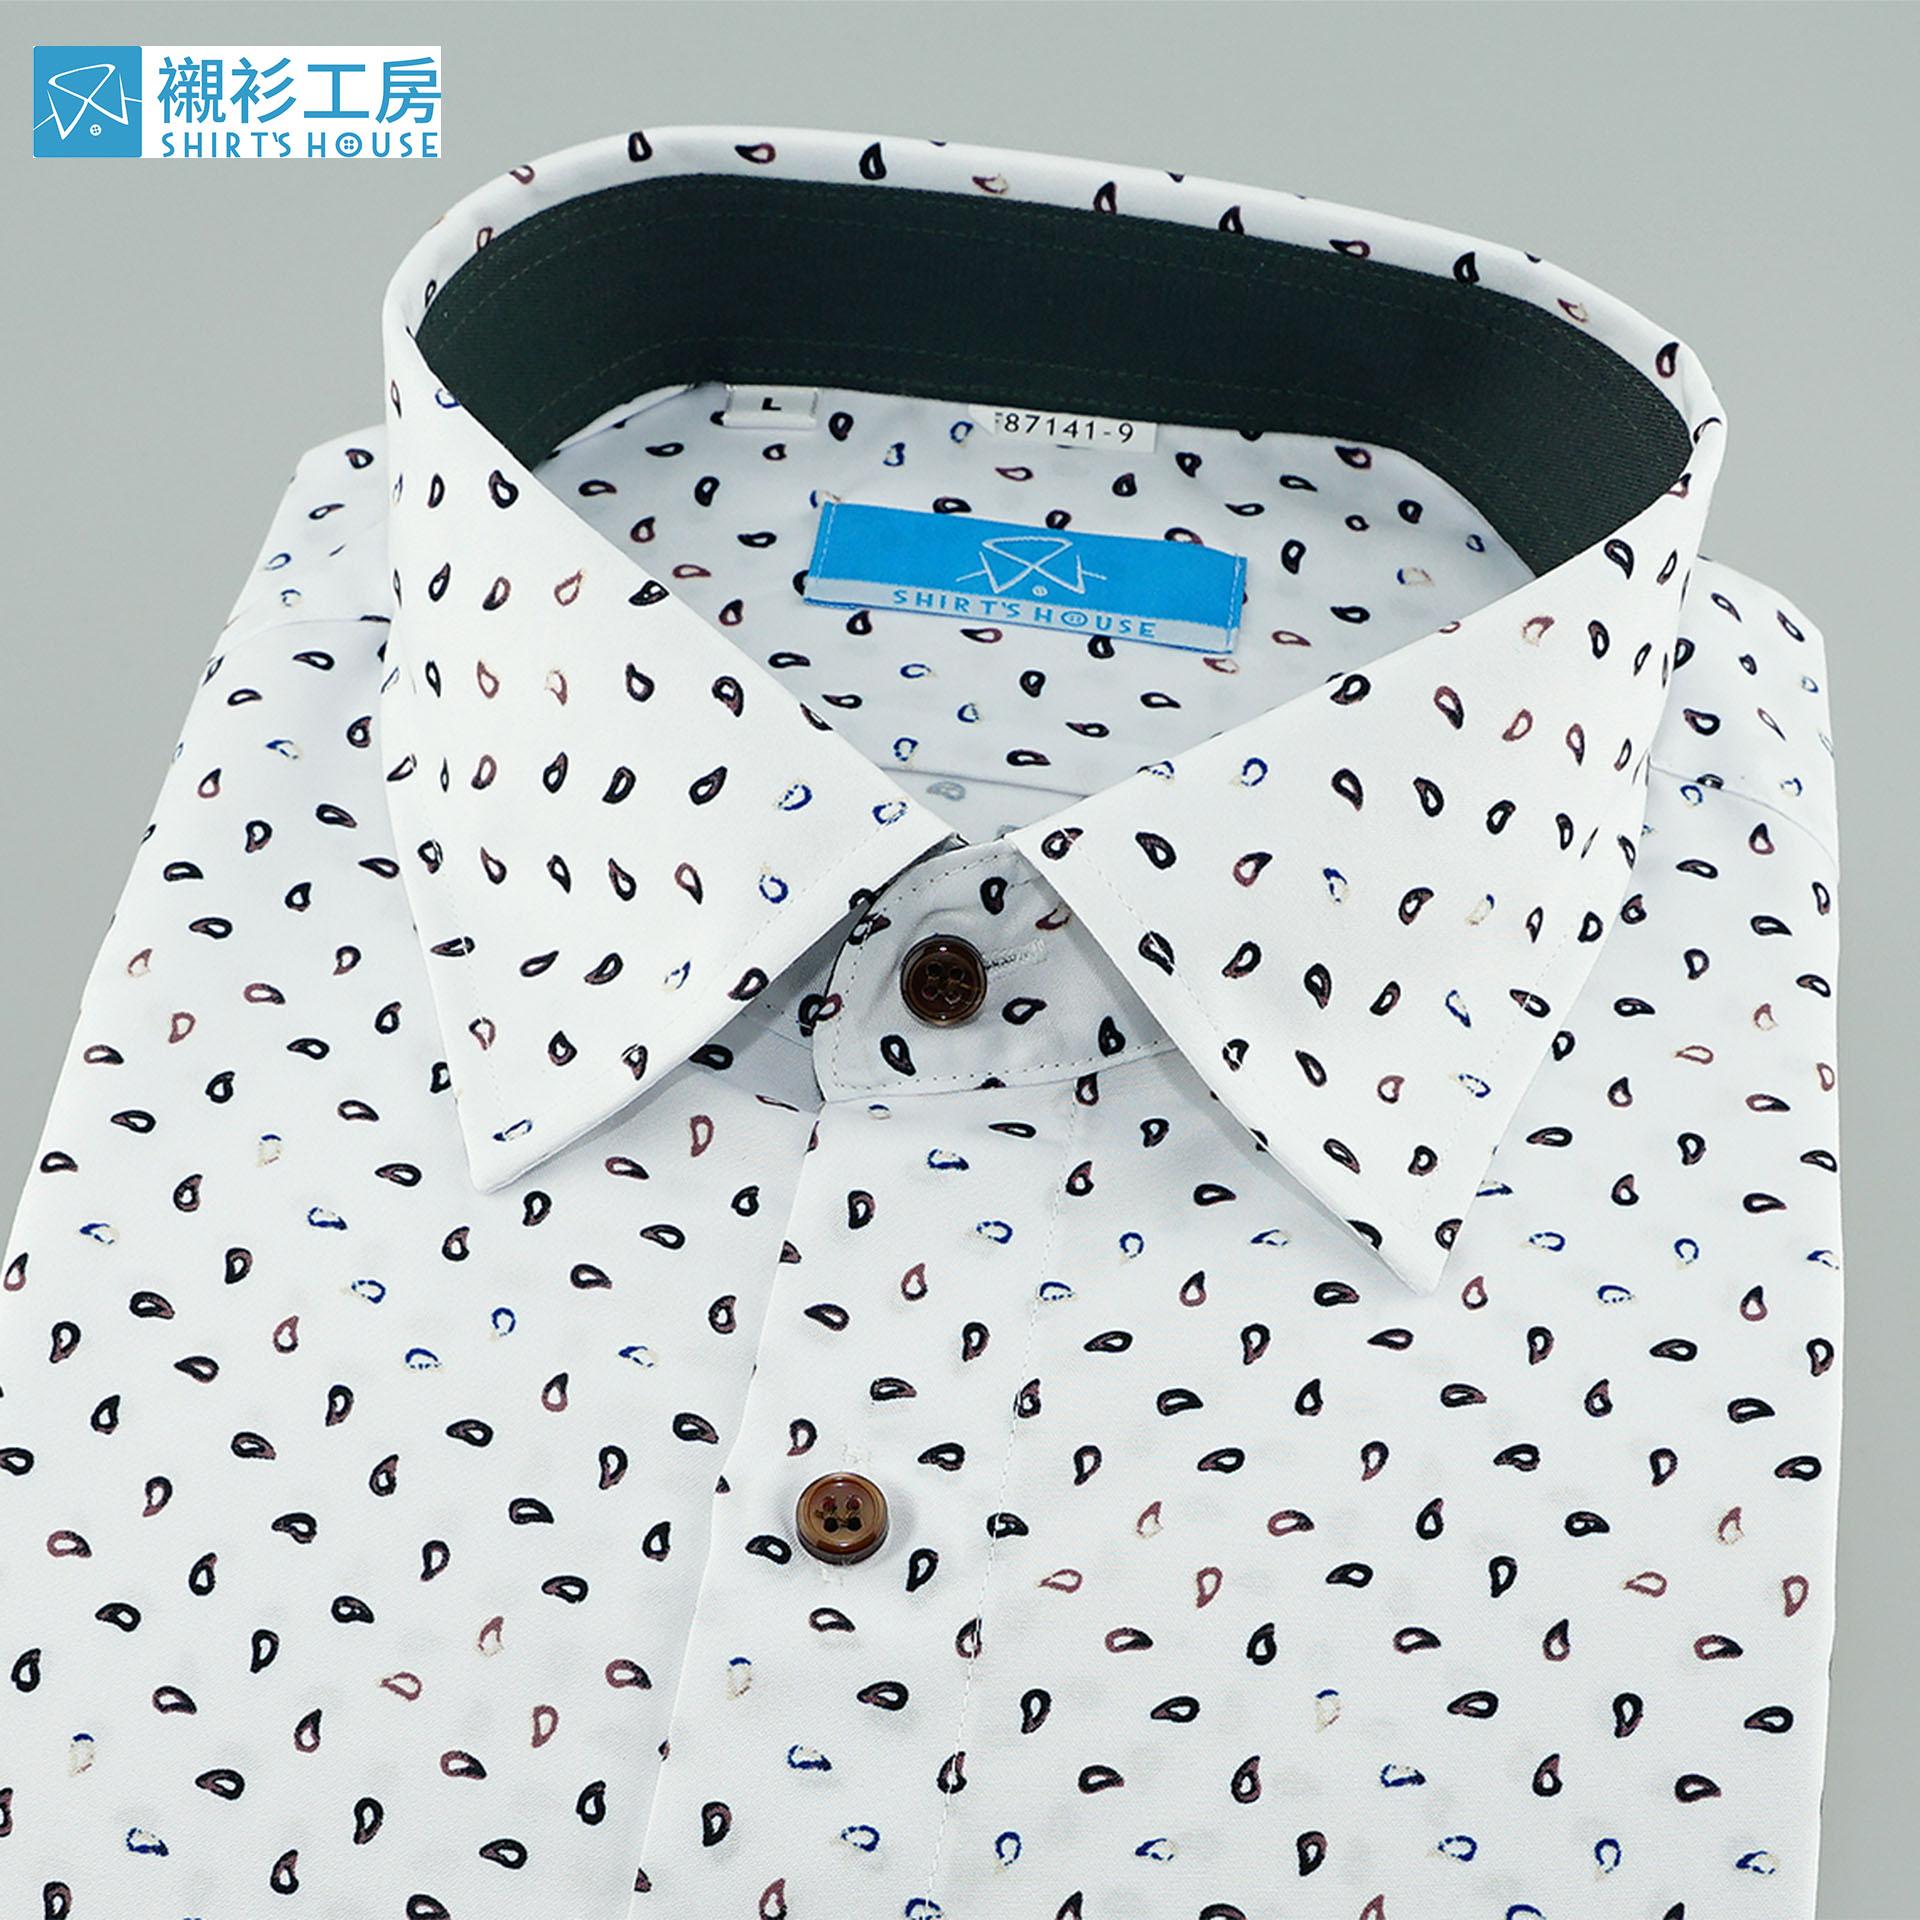 白底黑色變形蟲印花、時下正流行、領座配布合身長袖襯衫87141-09-襯衫工房